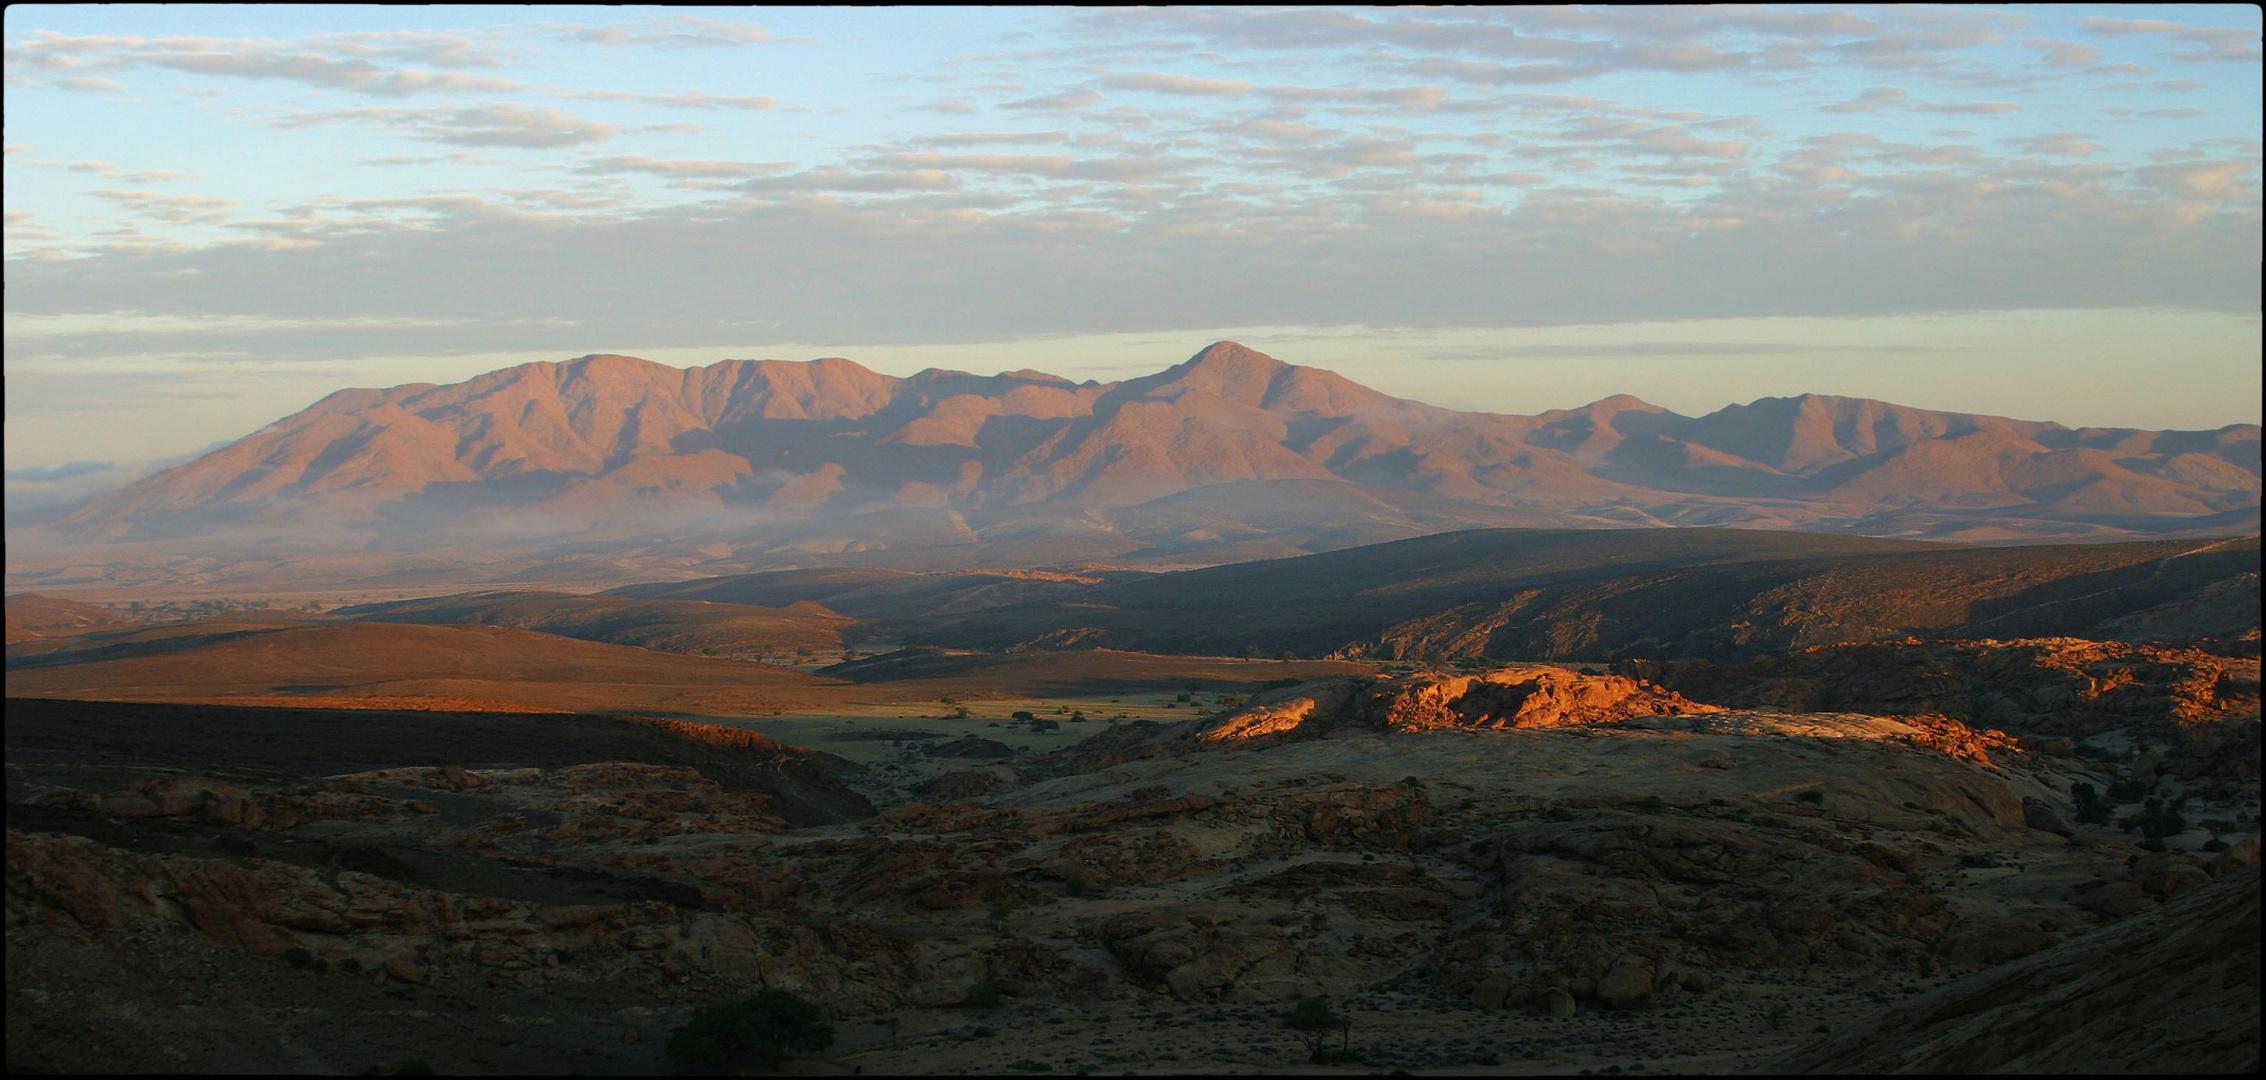 Blutkuppe (Namibia)